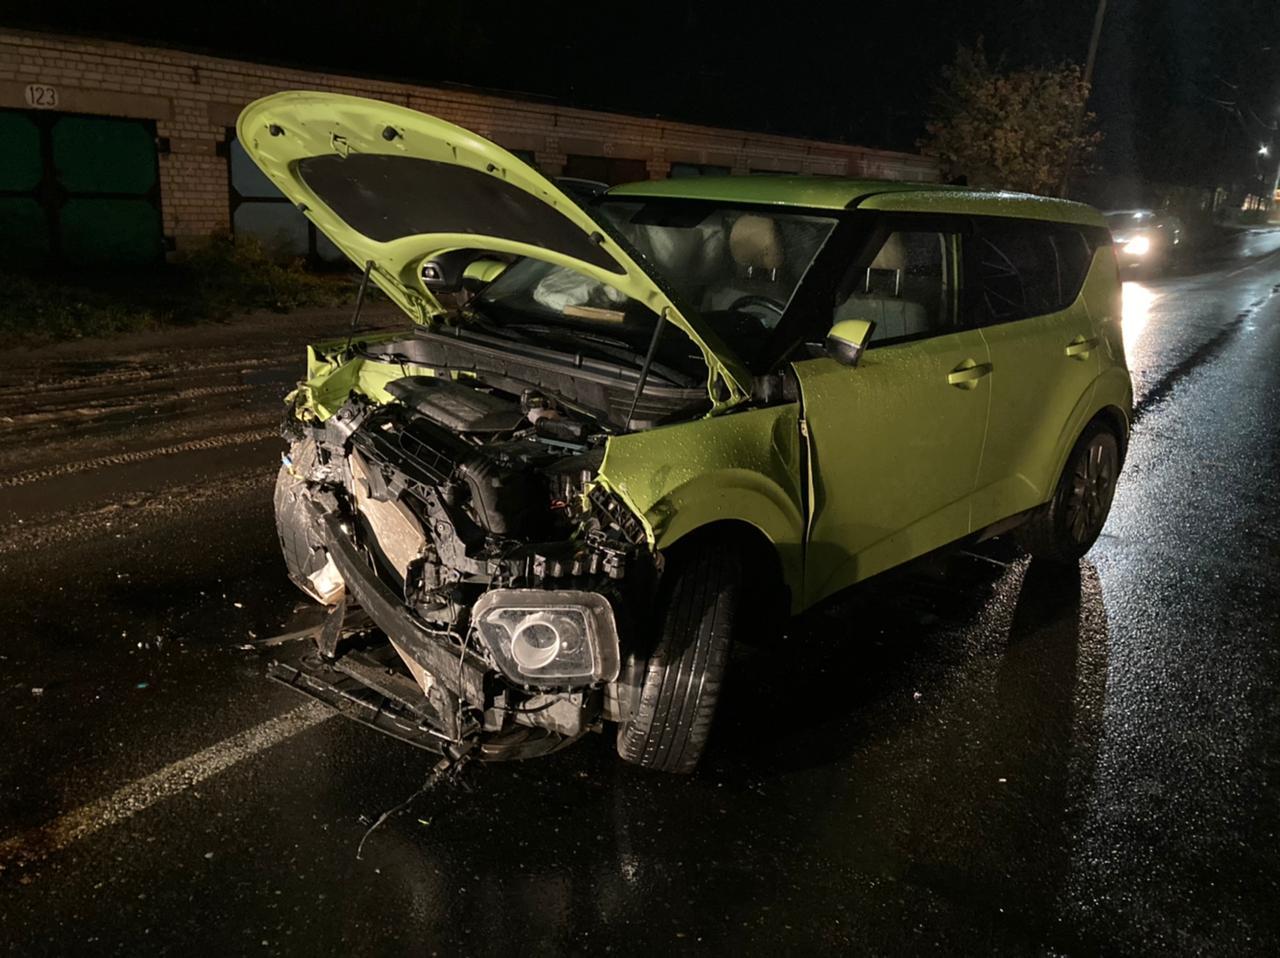 Два водителя пострадали в жестком ДТП в Тверской области - новости Афанасий